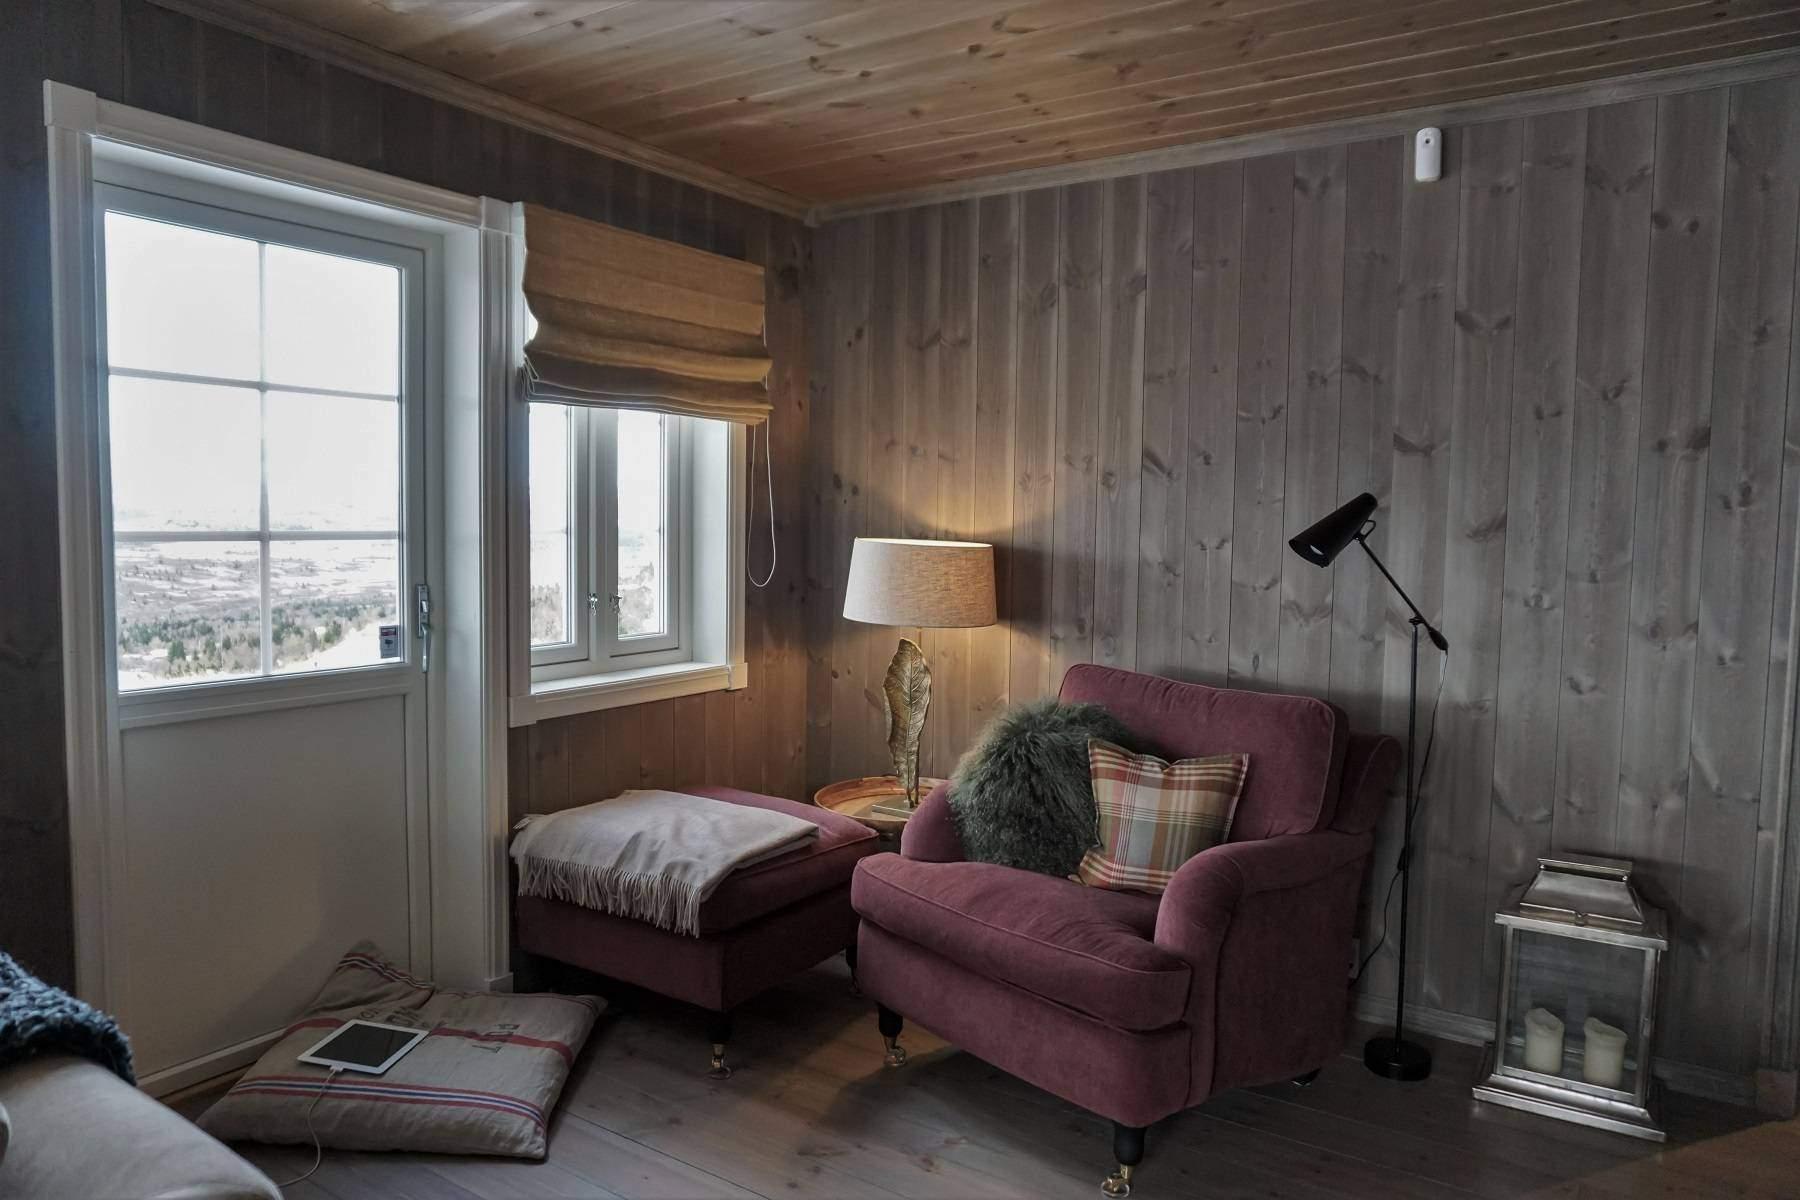 154 Hyttemodell Hytte Strynsfjell 122 Tiurtoppen Hytter.Lesekroken i stua med dør ut til en lun terrassekrok